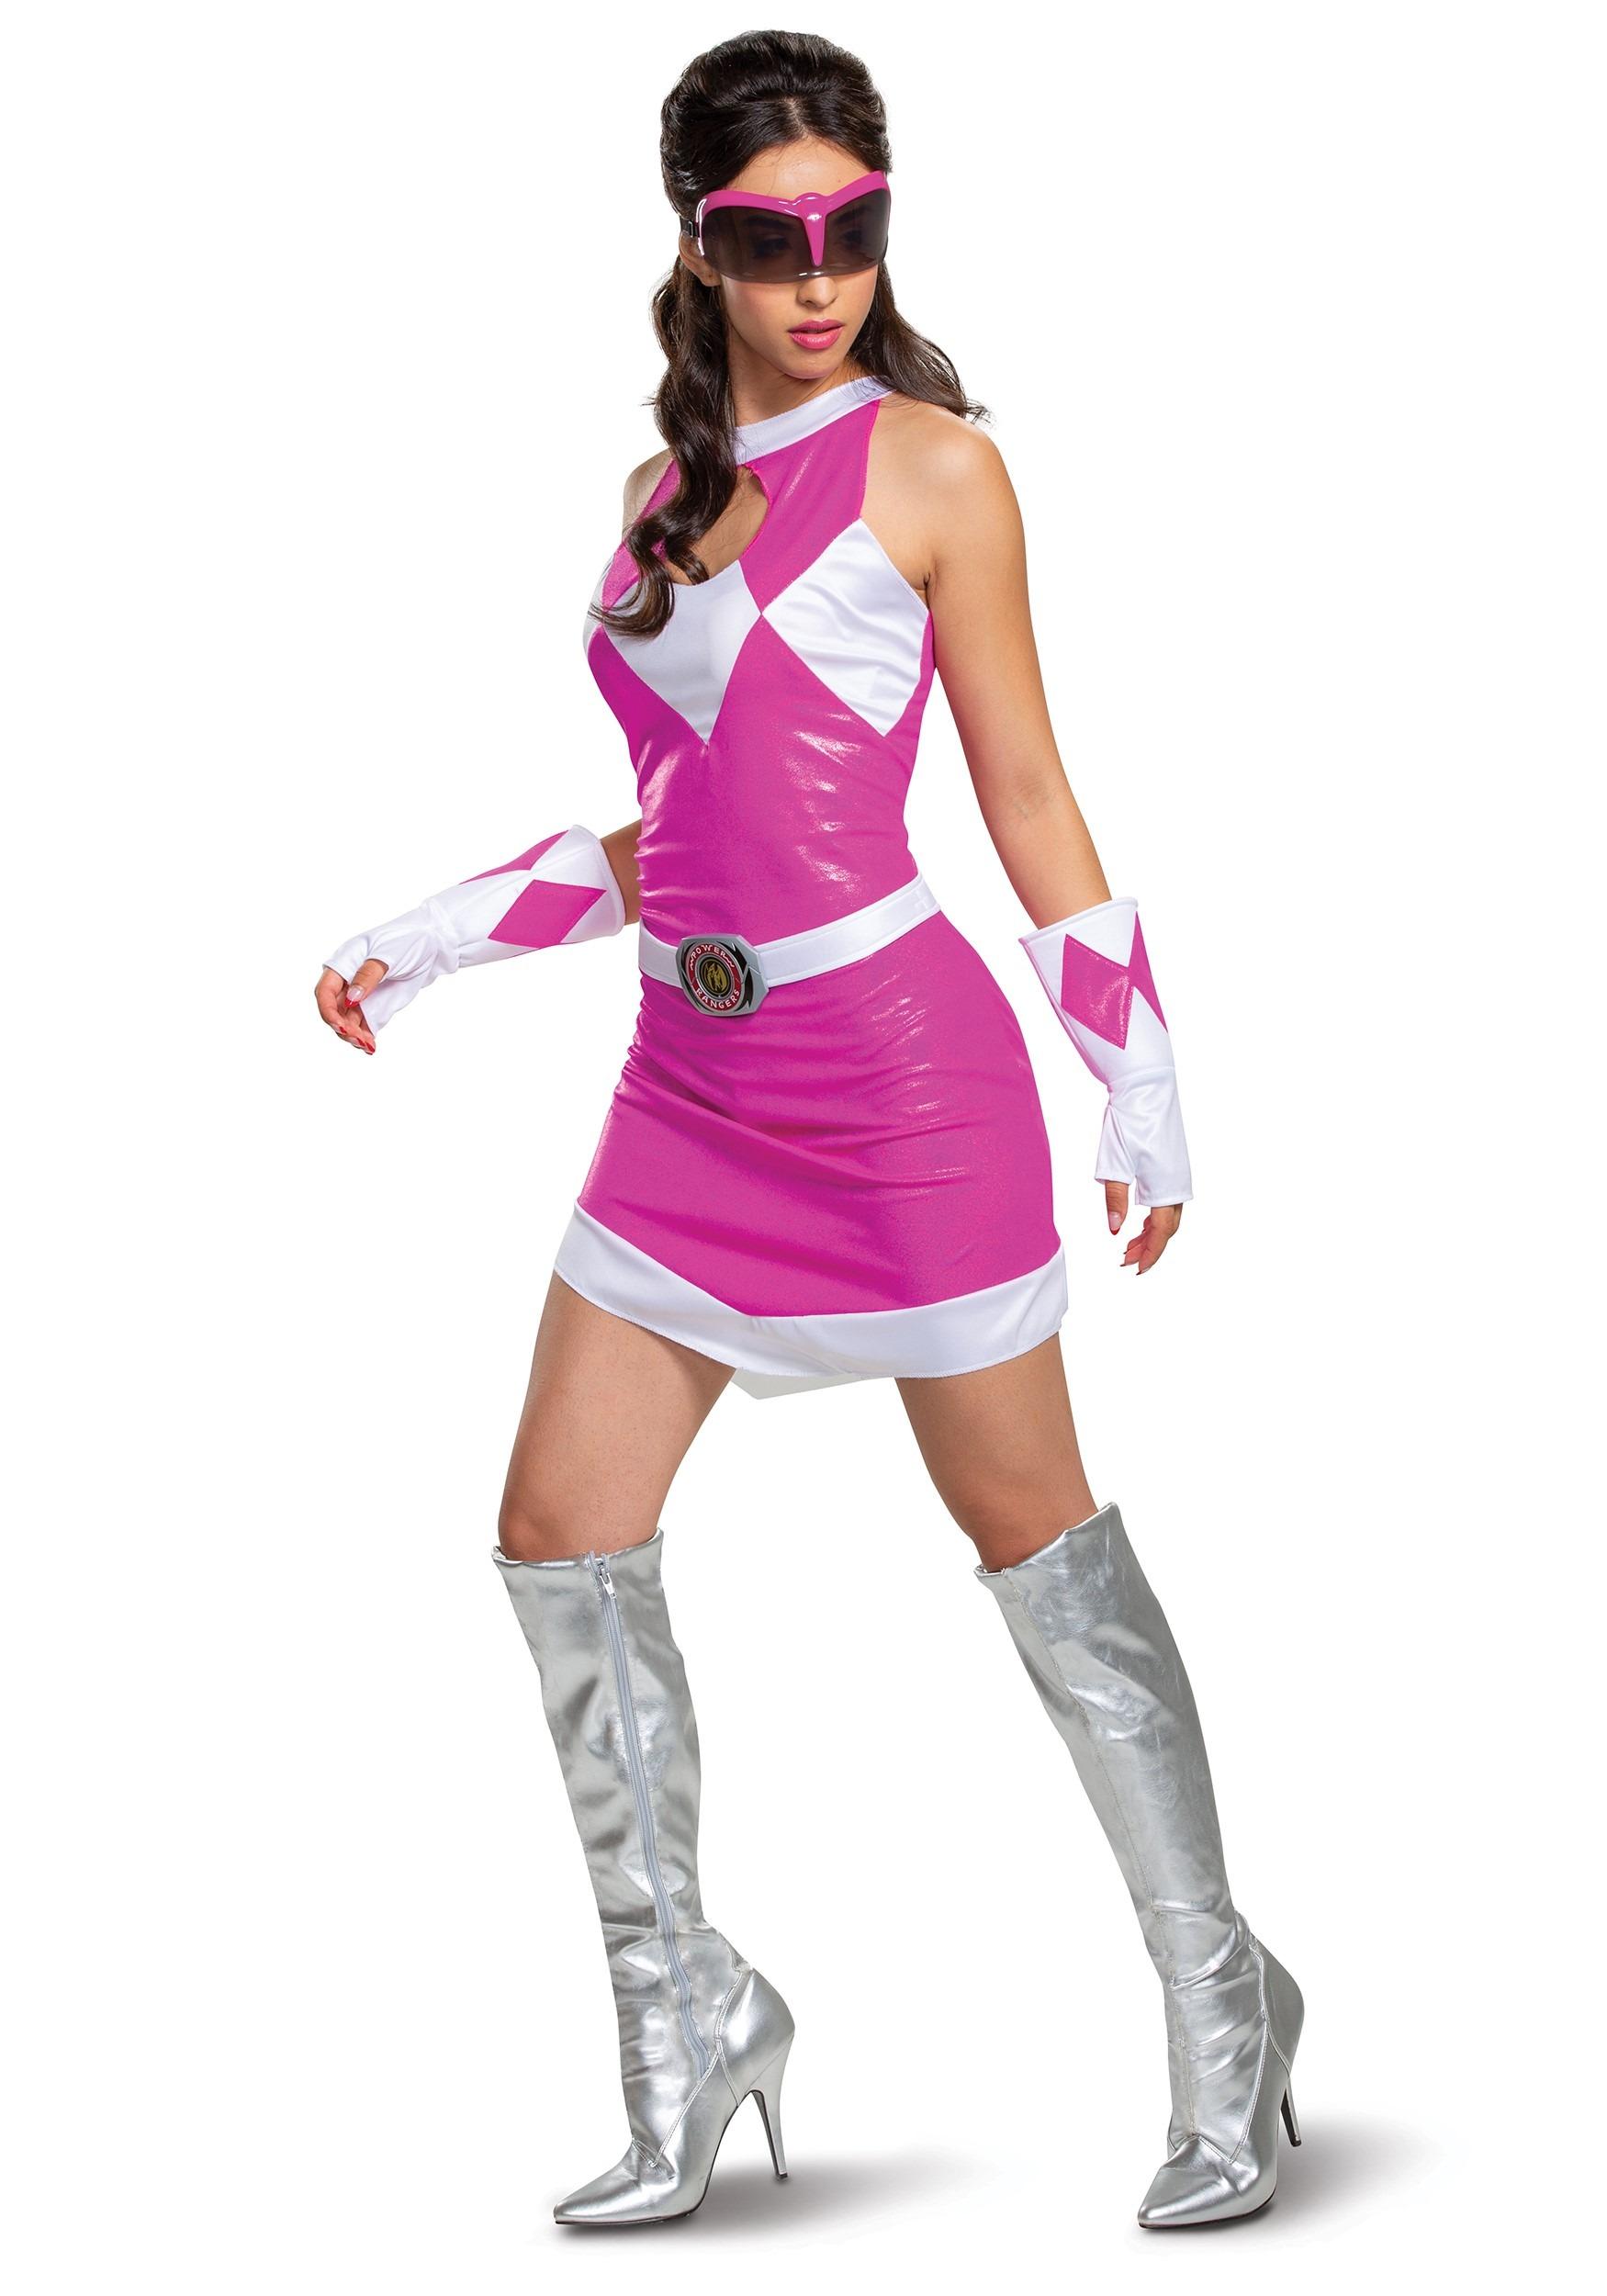 Power Rangers Deluxe Pink Ranger Costume for Women